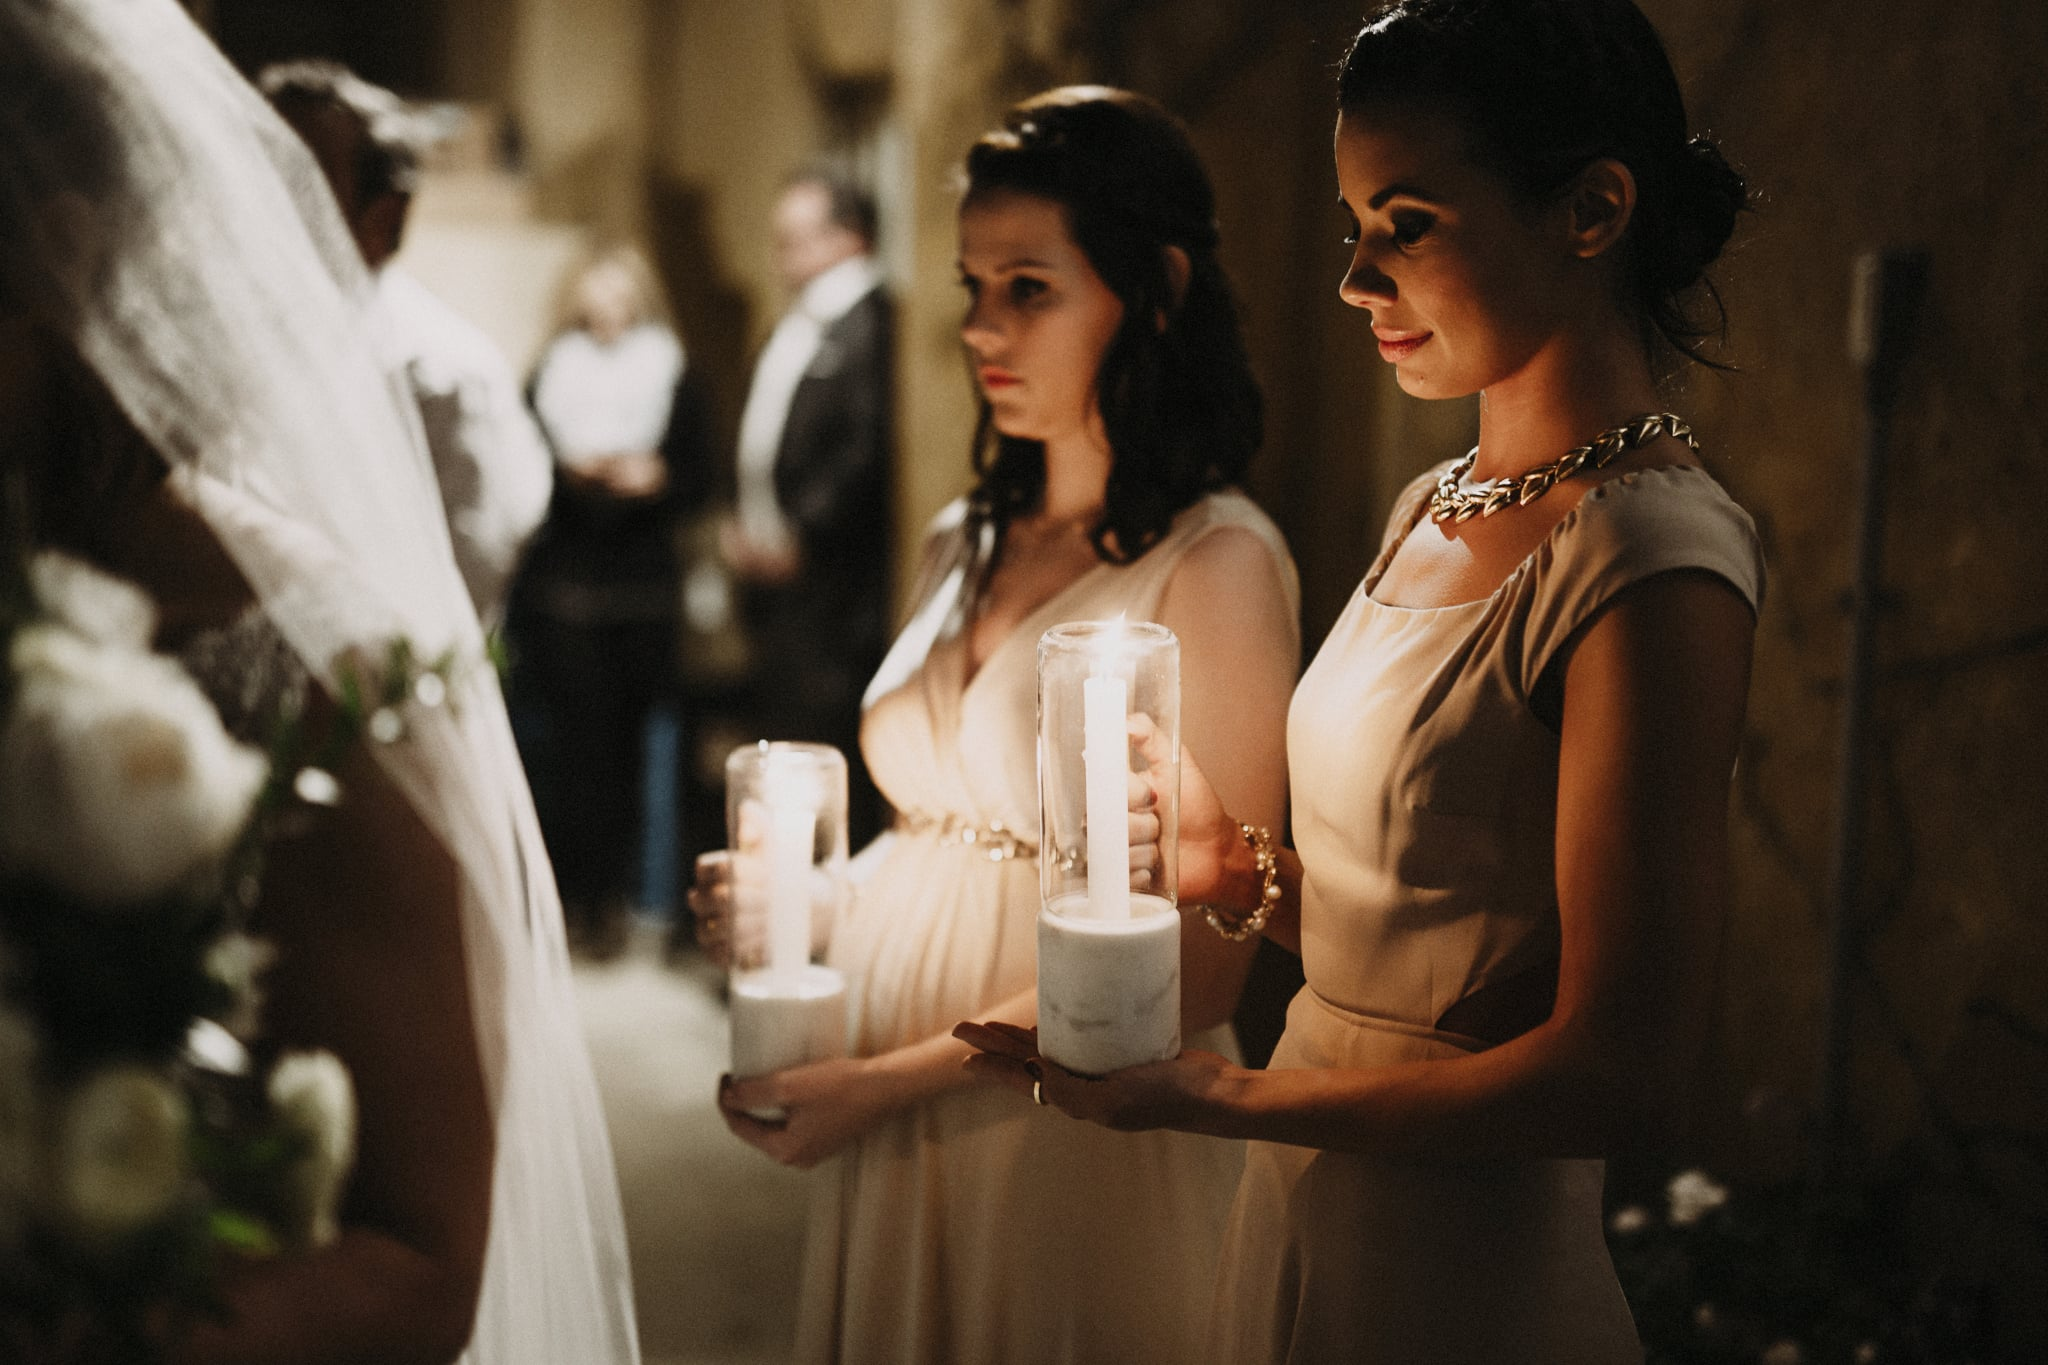 candlelight-wedding-ceremony